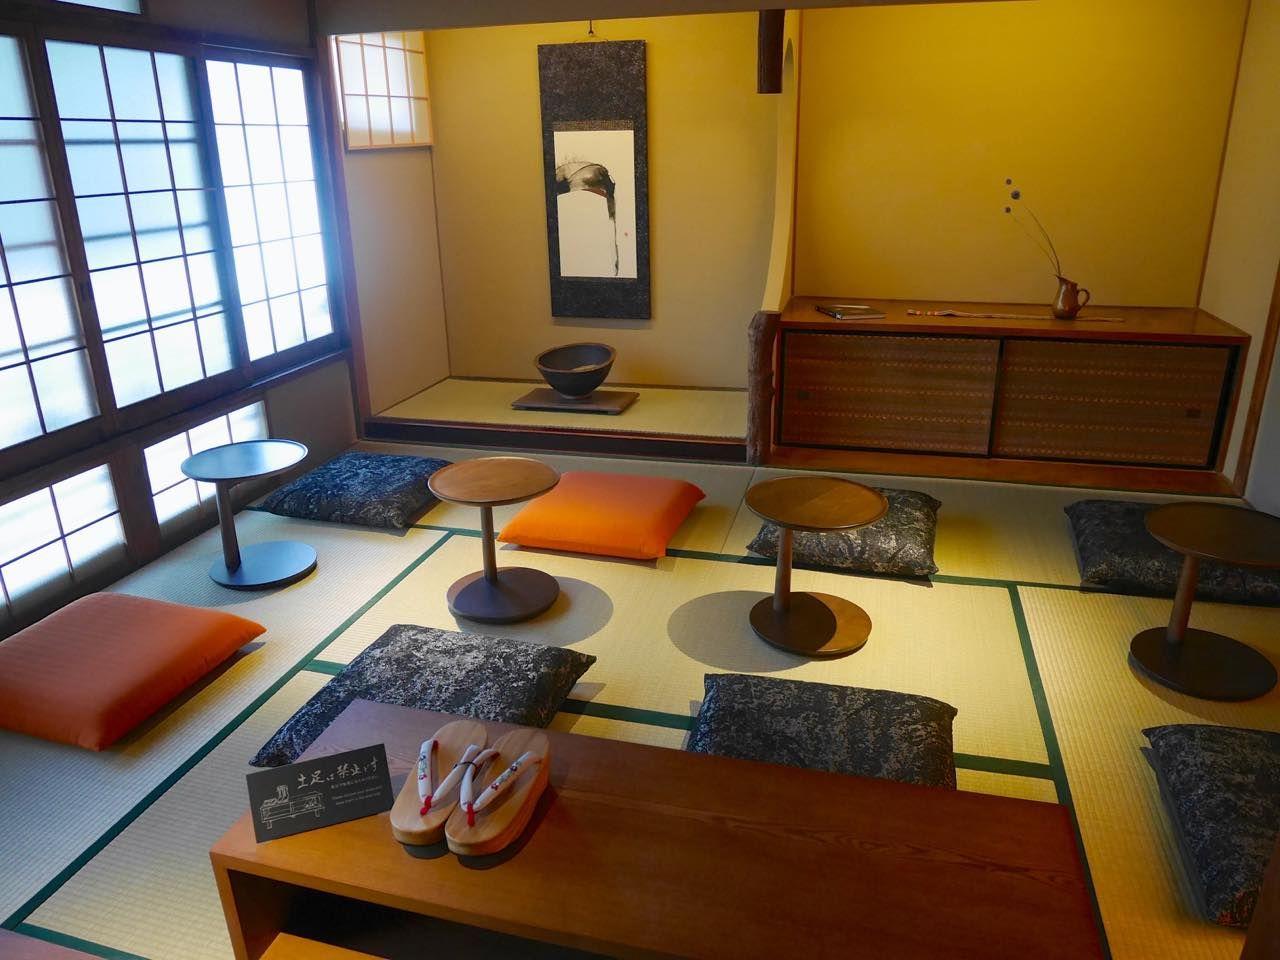 世界初!京都のスタバでお座敷のコーヒー体験「スターバックスコーヒー ...